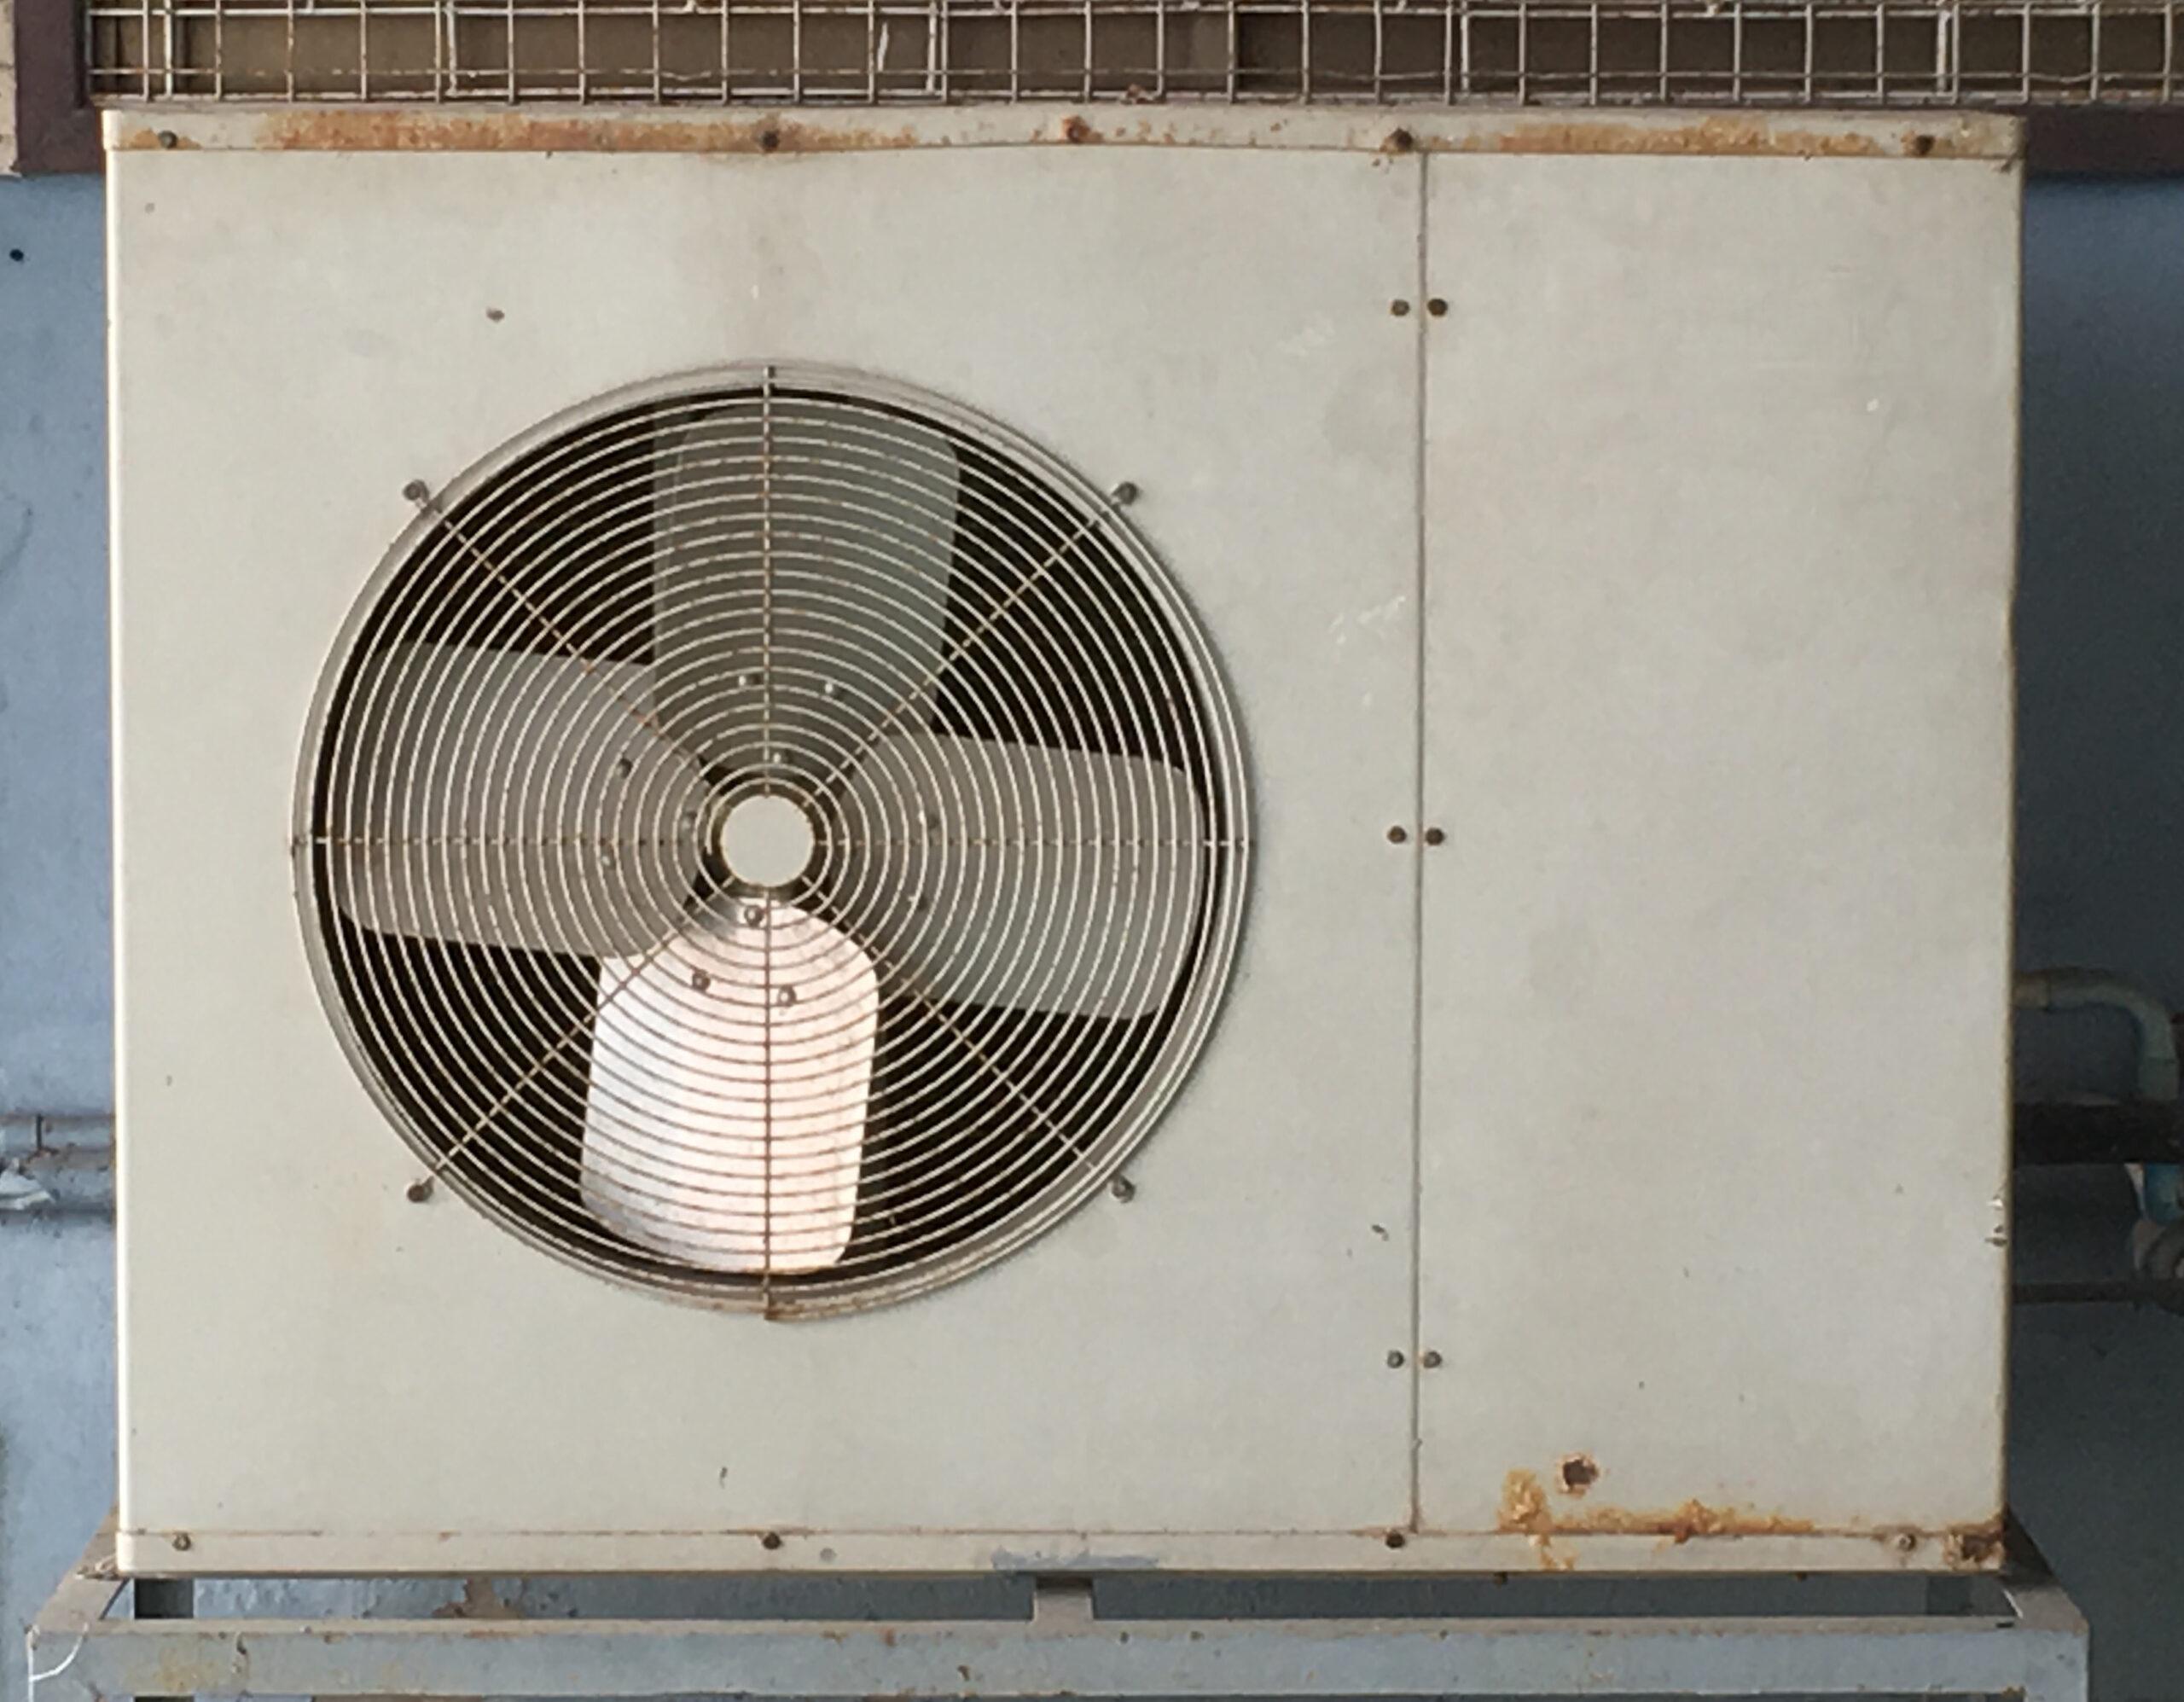 Old Air Handler, New Condenser – Může to fungovat?